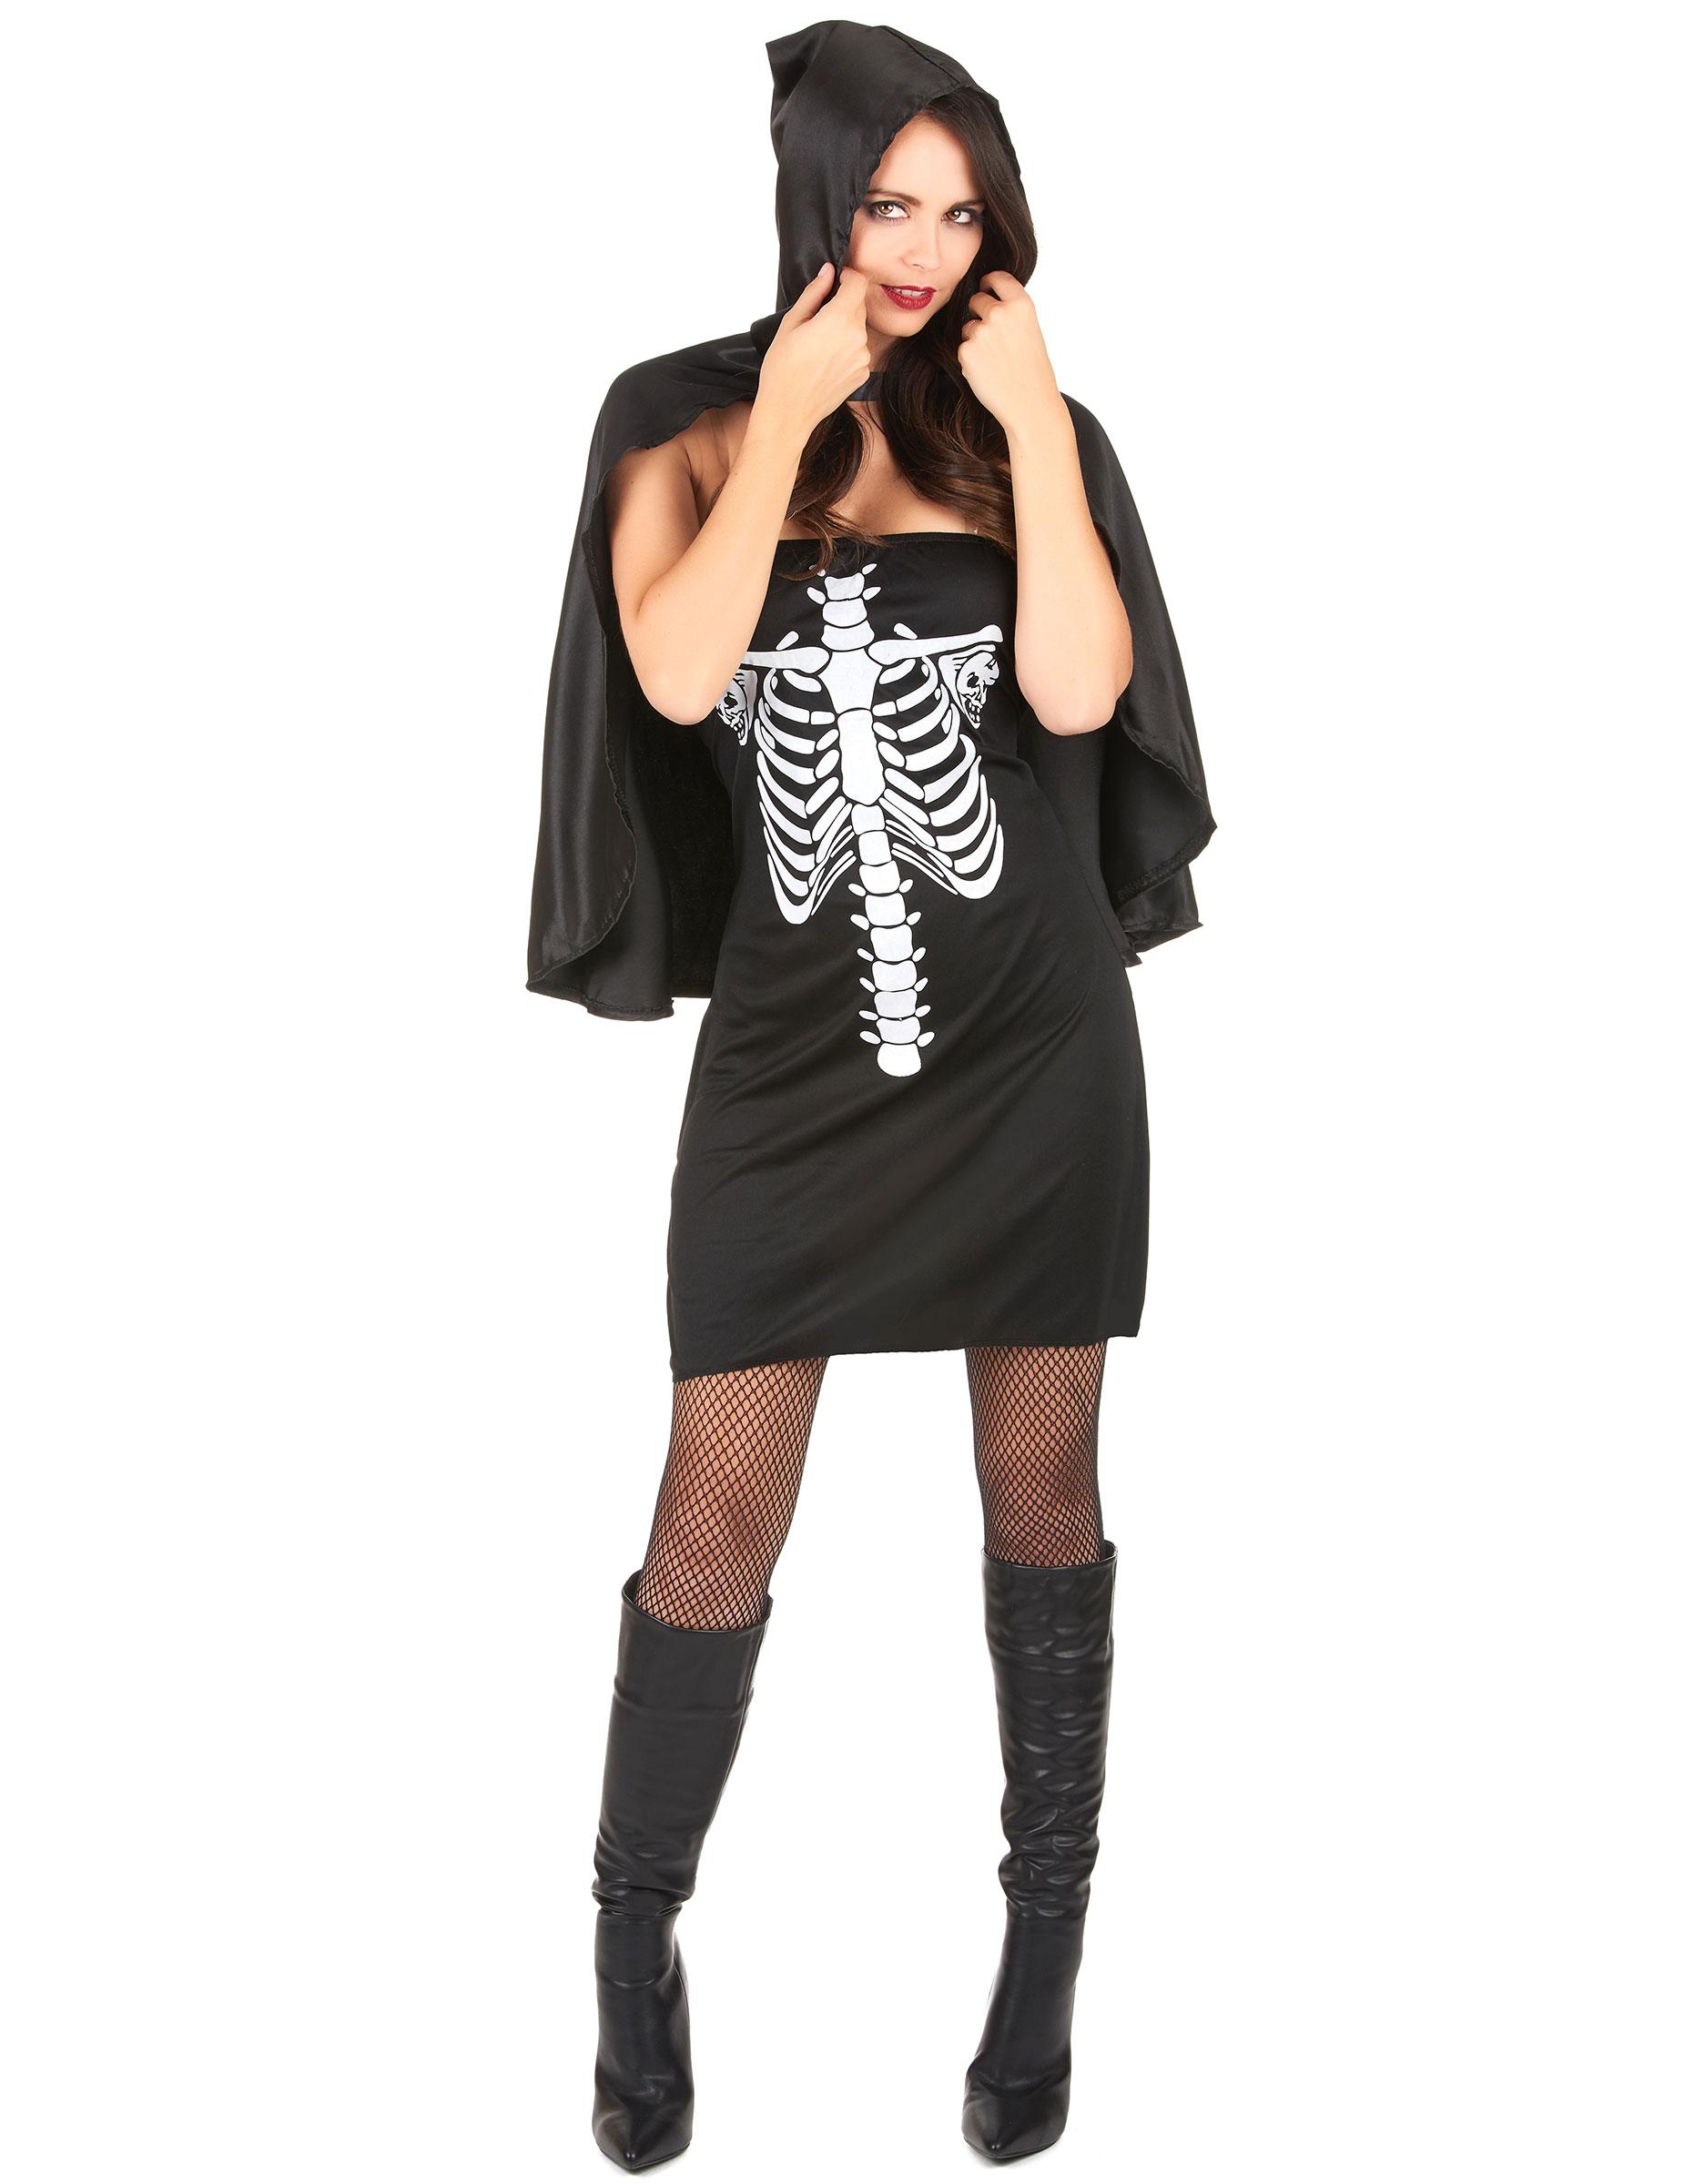 d guisement squelette femme deguise toi achat de d guisements adultes. Black Bedroom Furniture Sets. Home Design Ideas